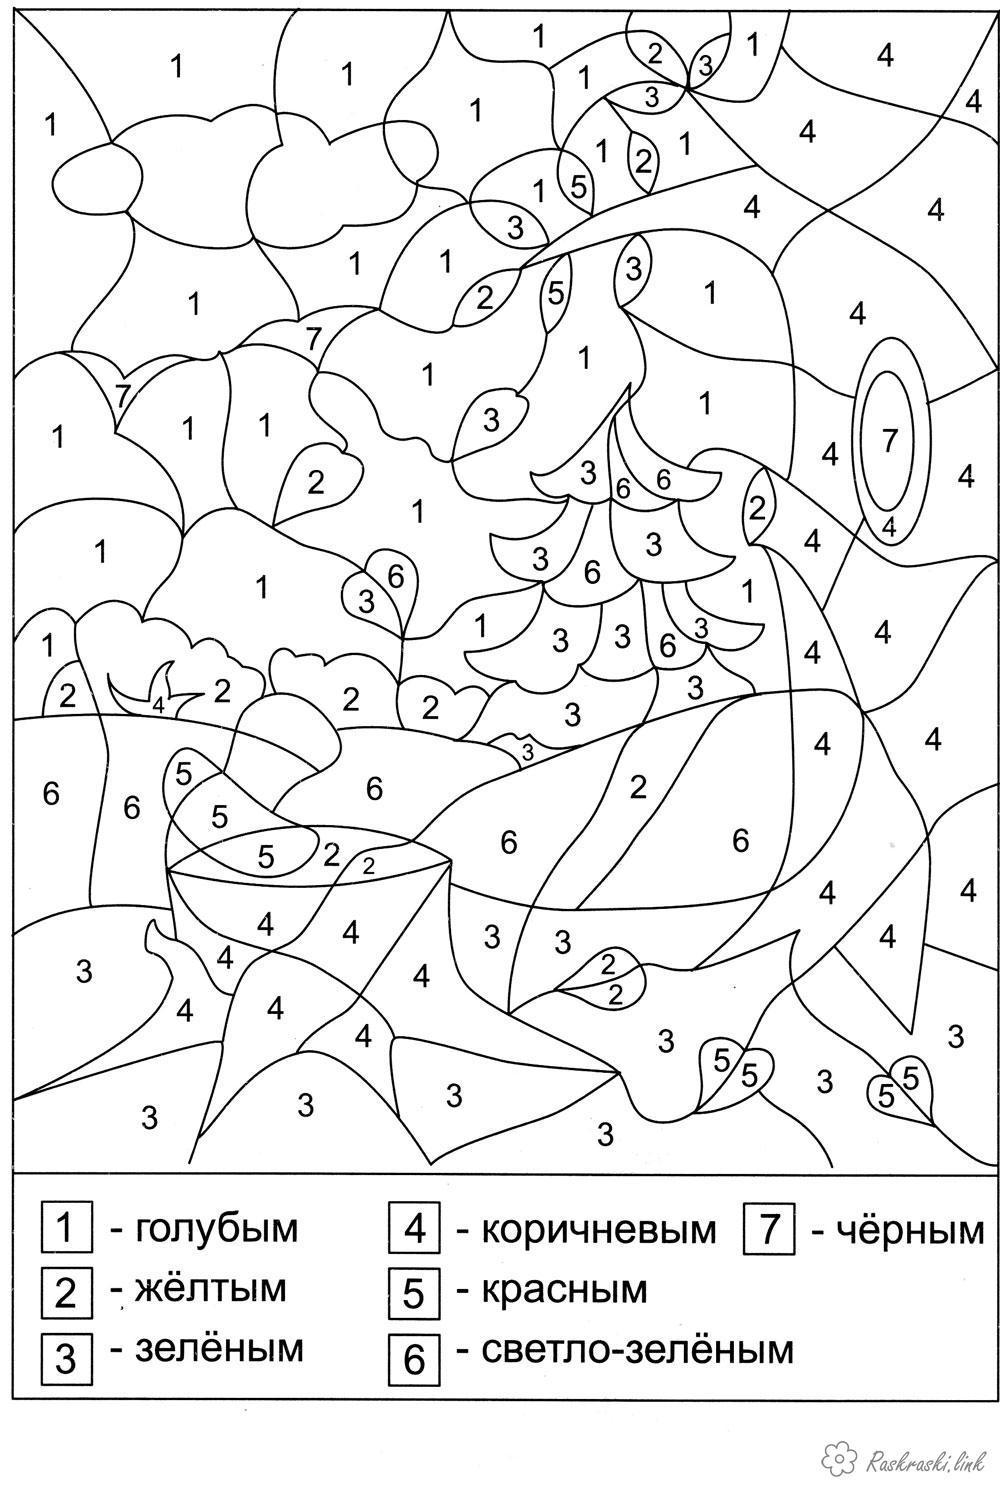 Розмальовки ліс математичні розмальовки для дошкільнят, навчальні розмальовки, розфарбуй по цифрах, ліс